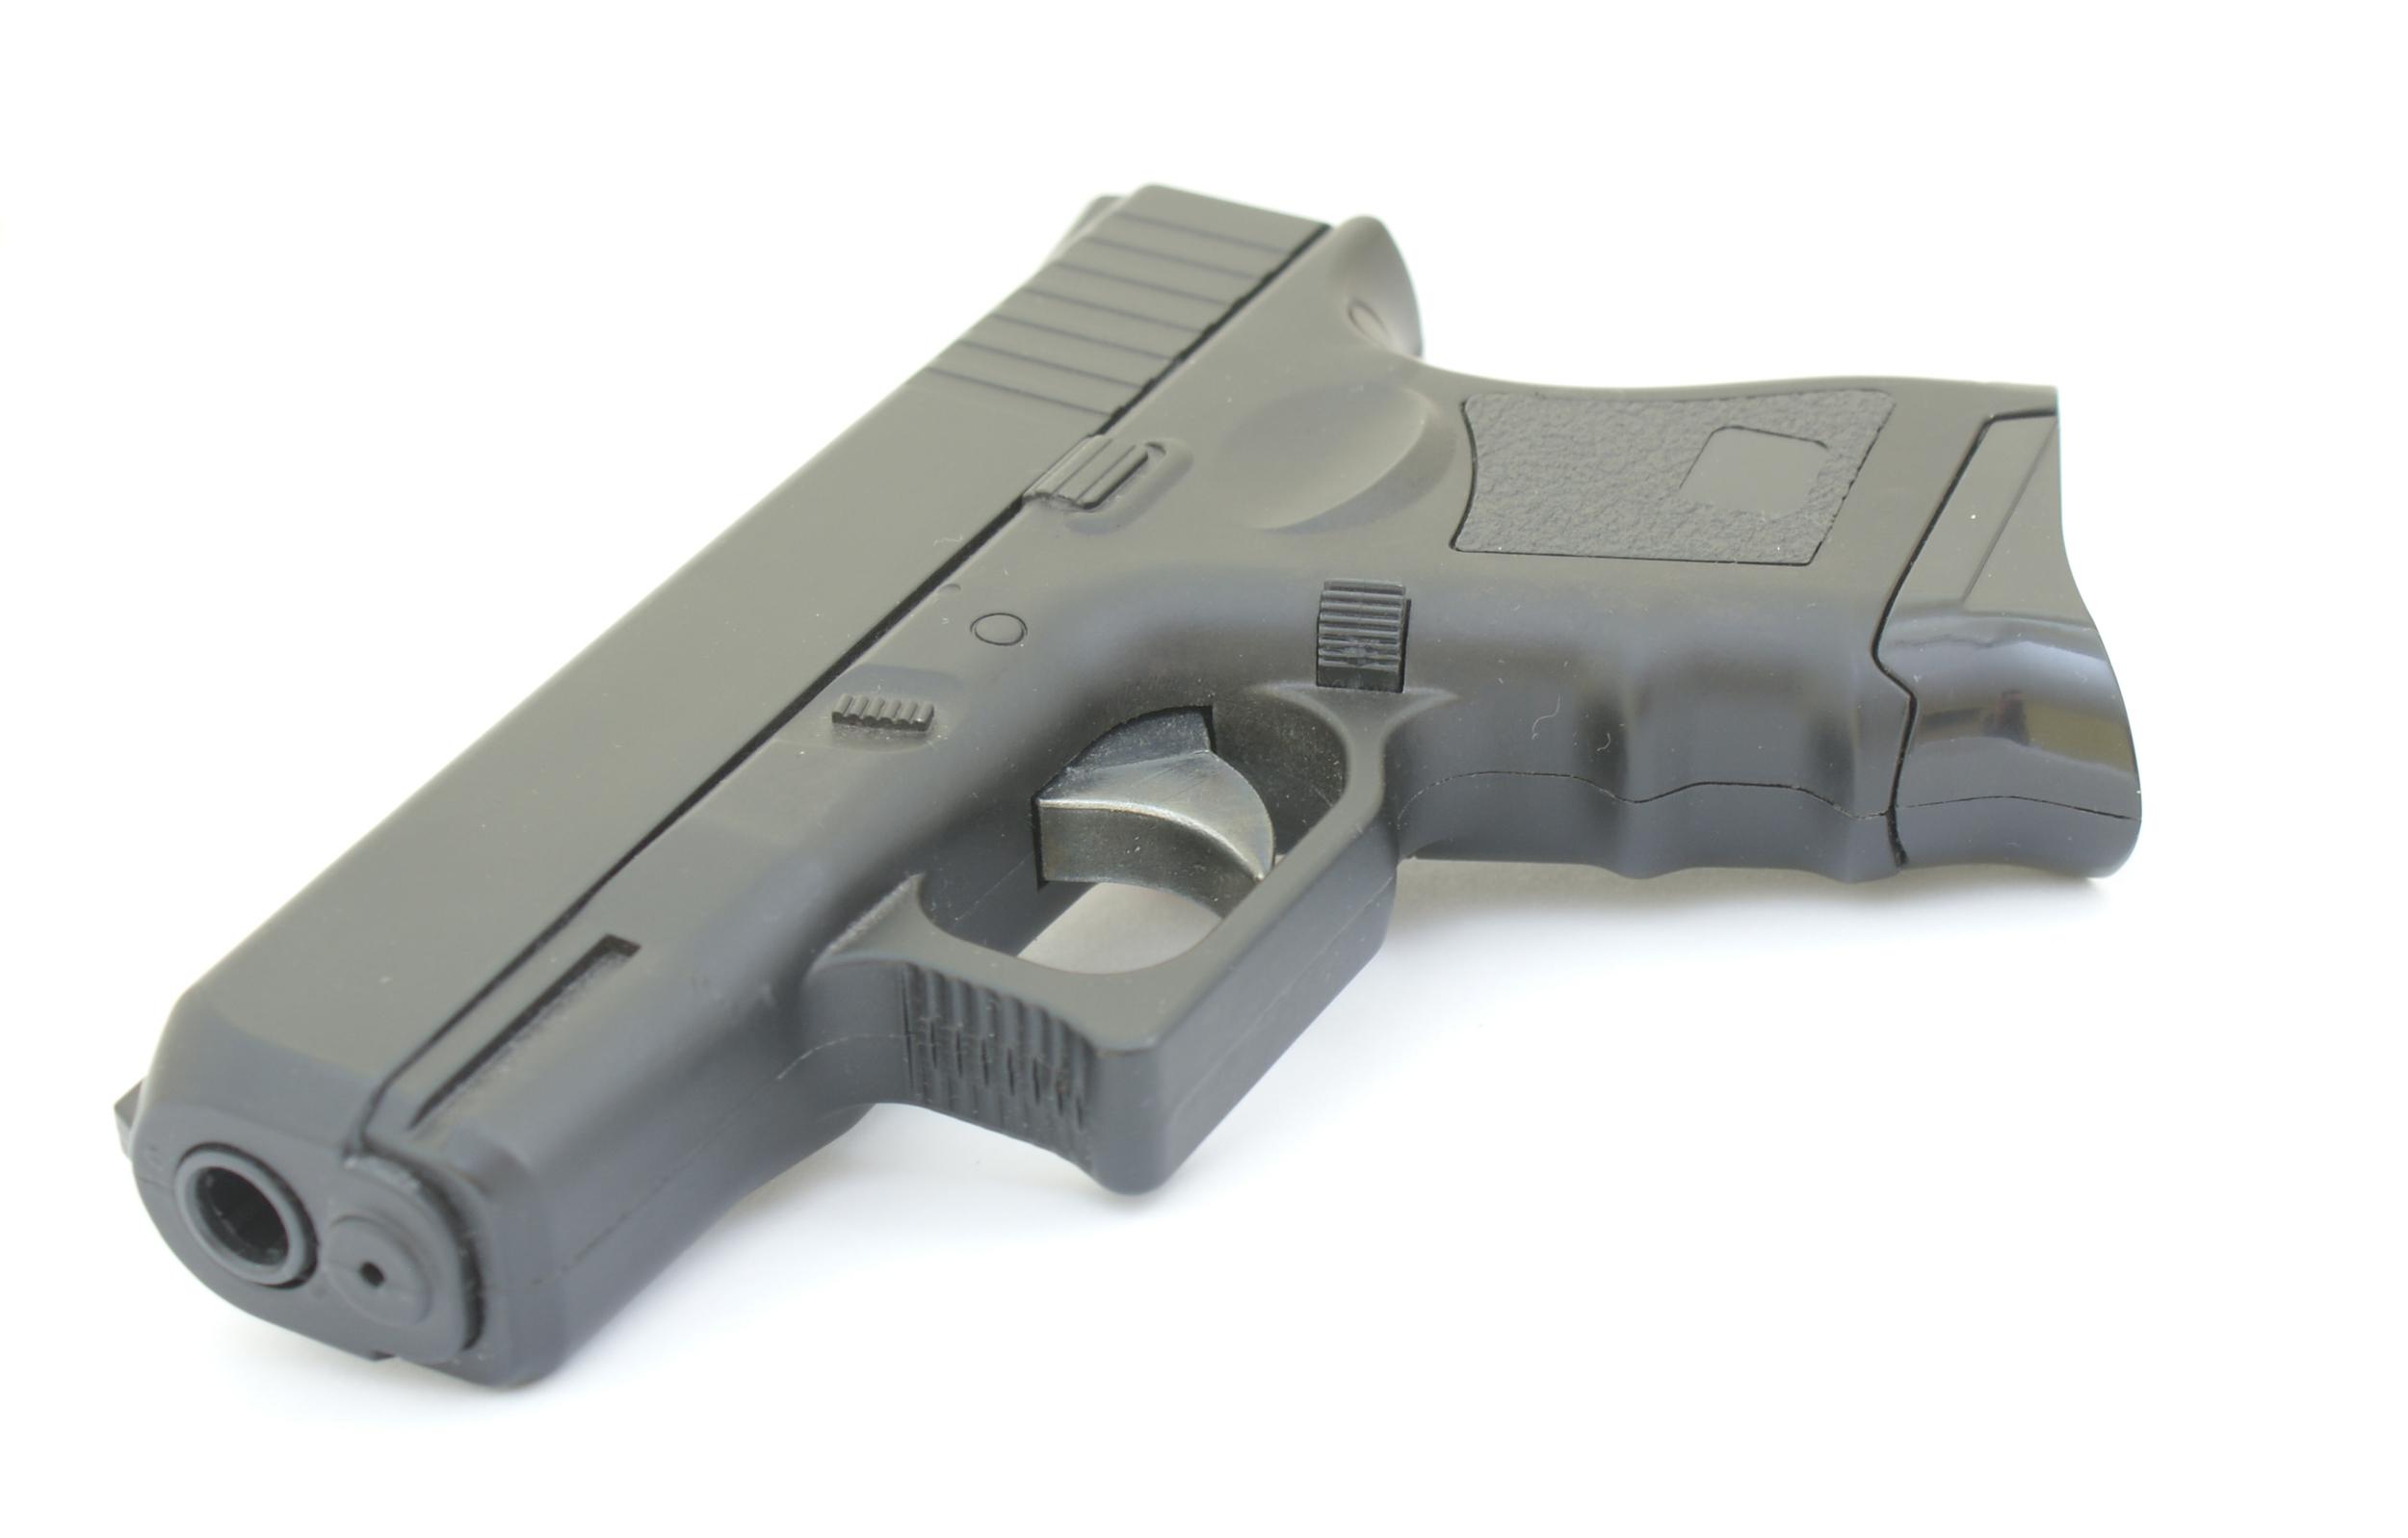 Guns kill people